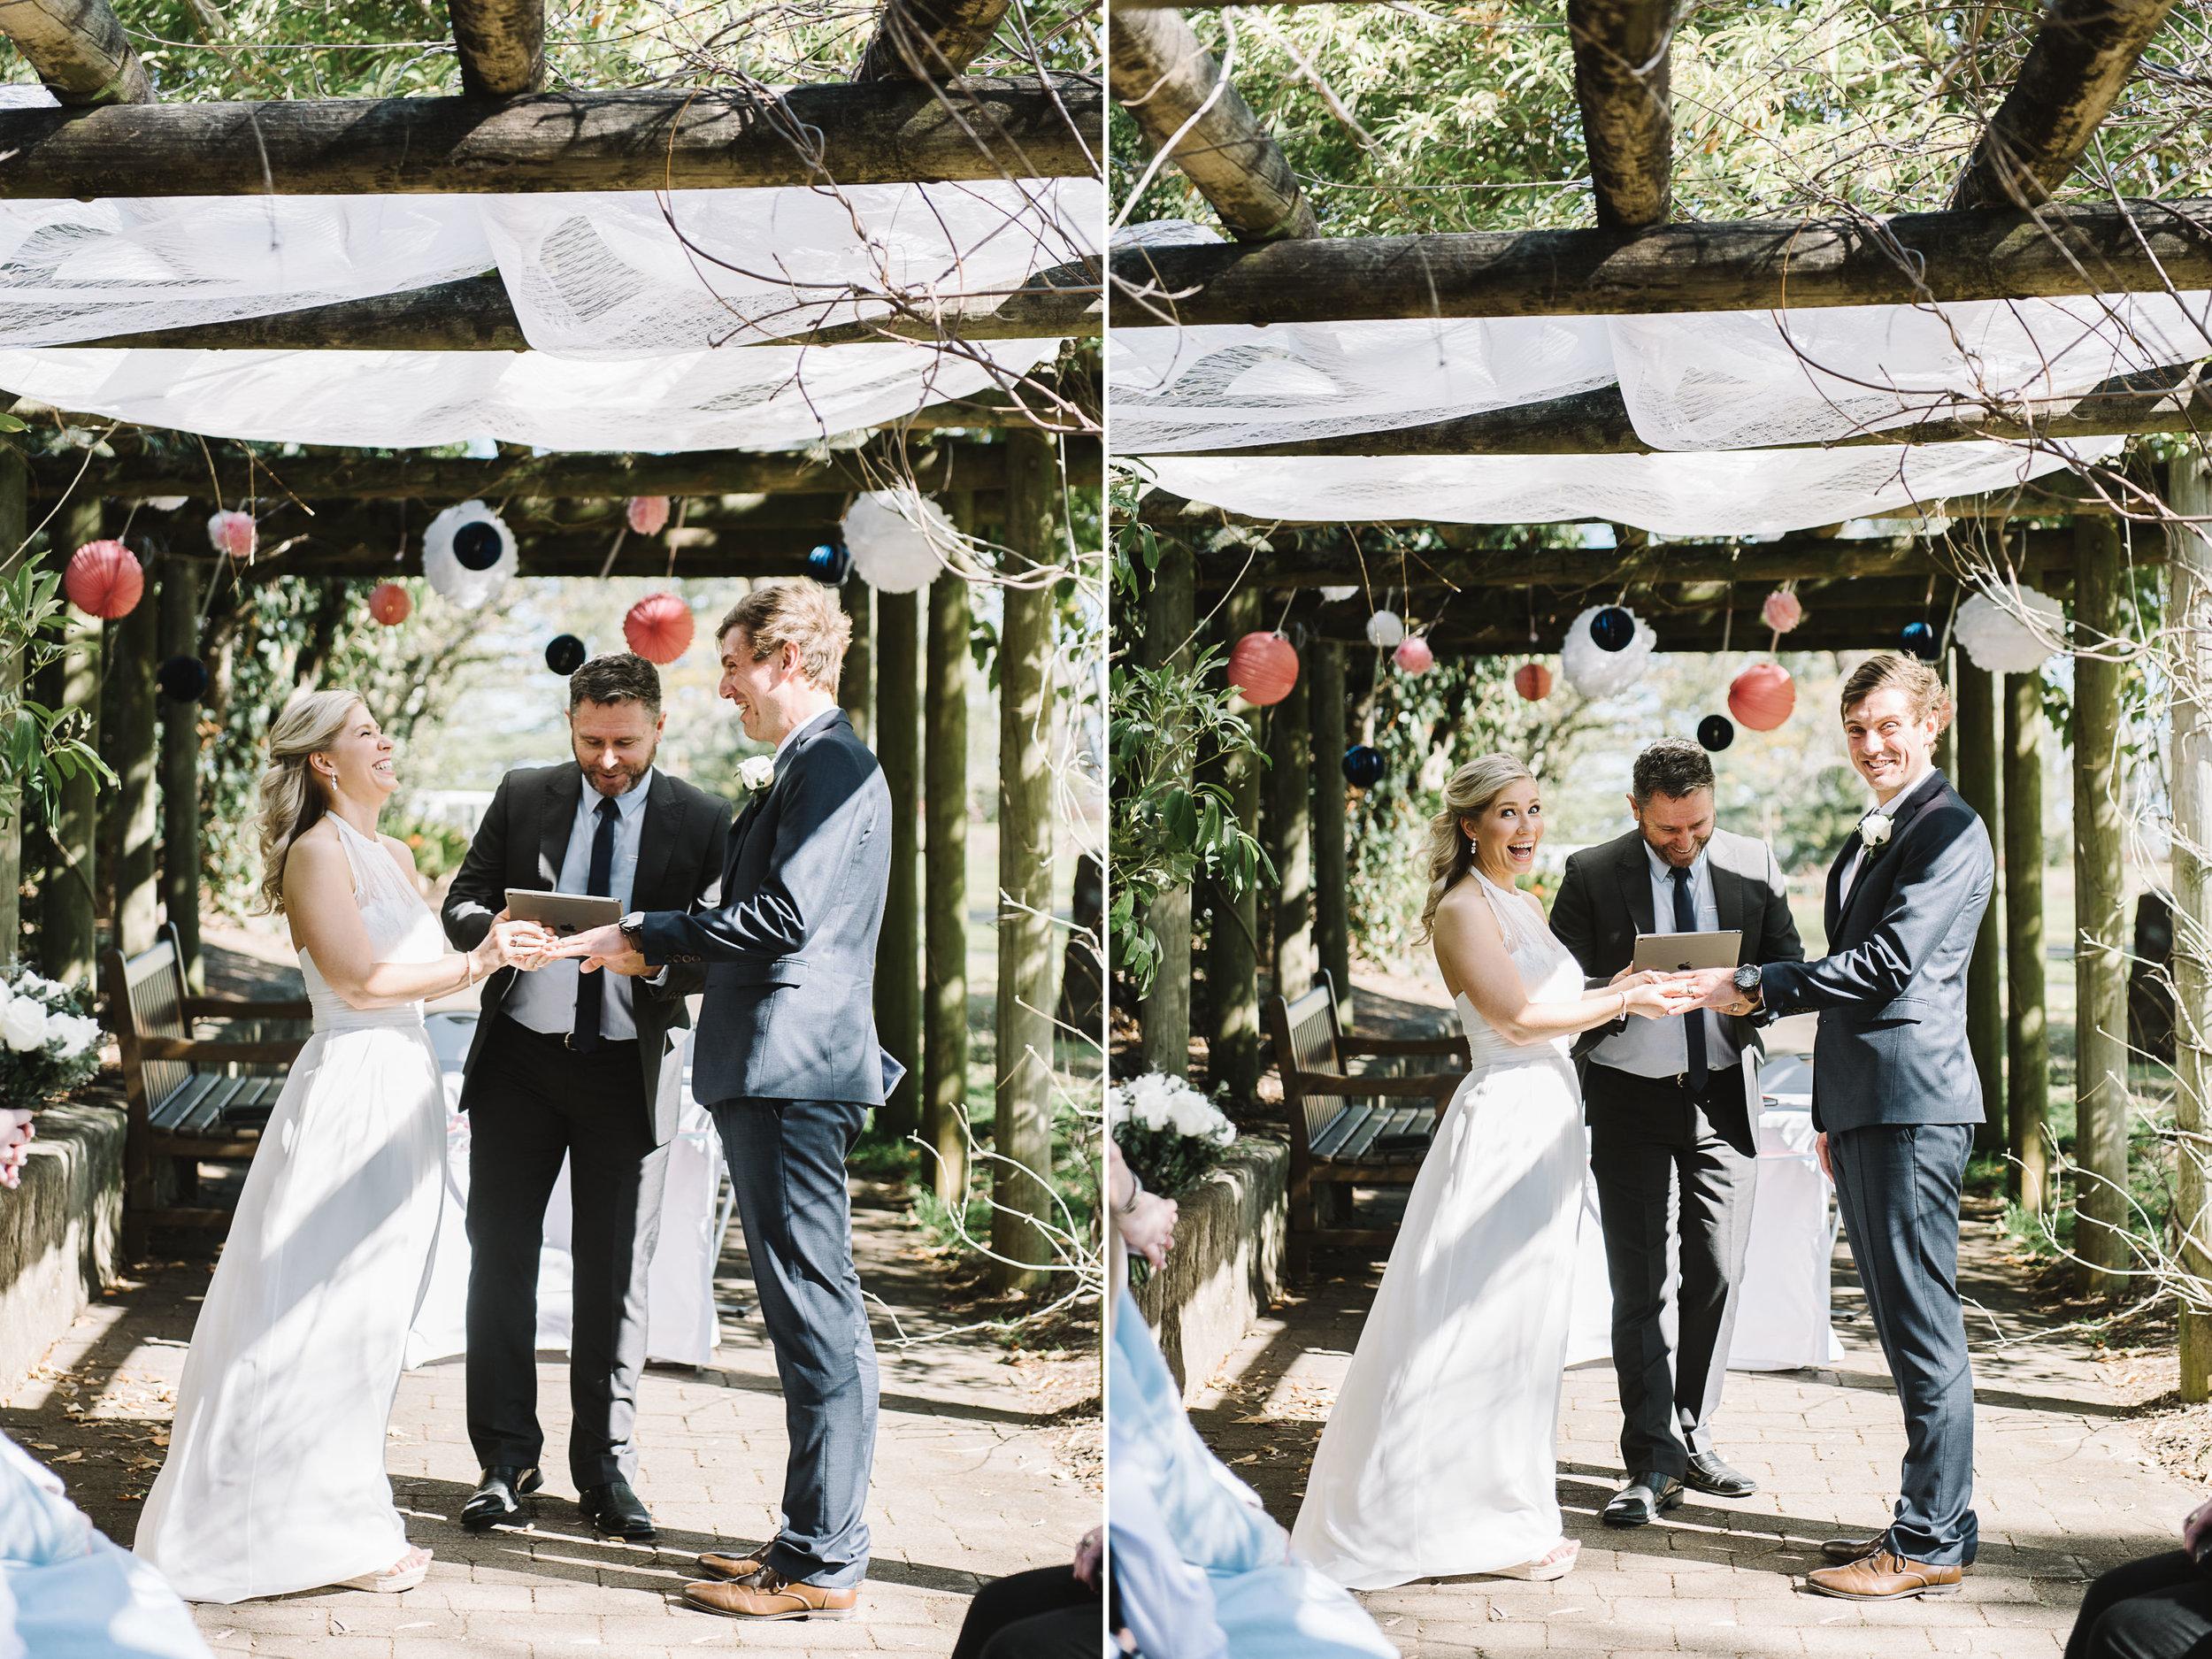 sydney-wedding-photography-ceremony-4.jpg